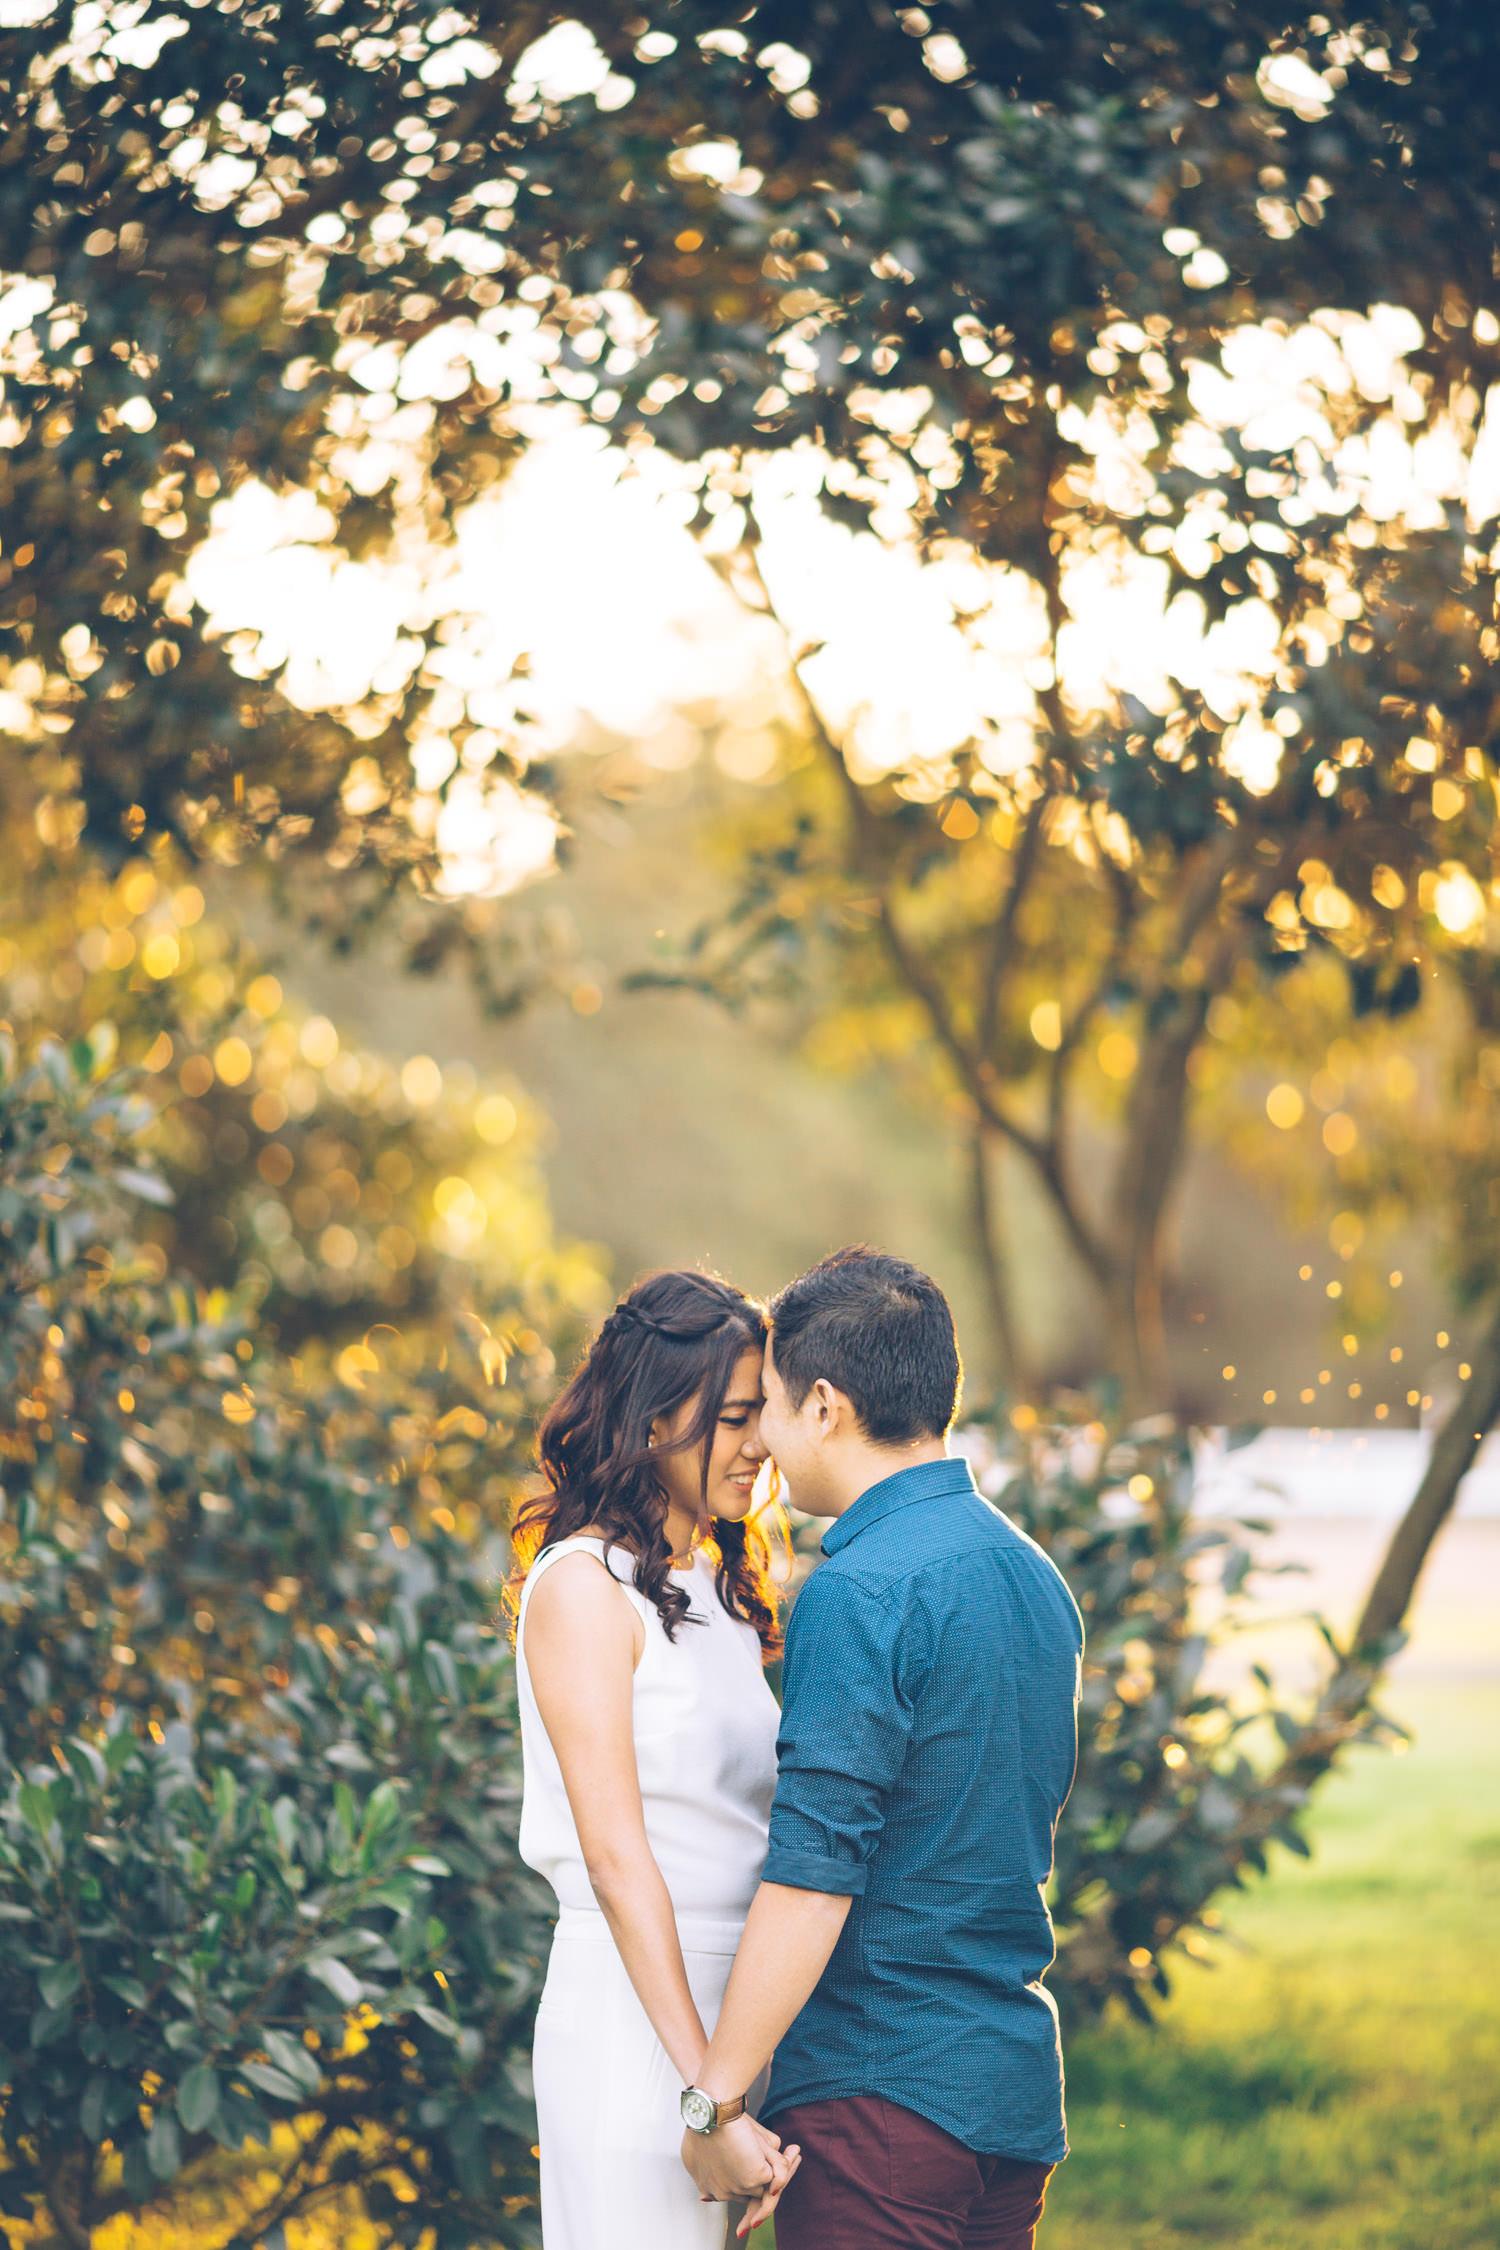 Emily & Sherwin Engaged-29.jpg